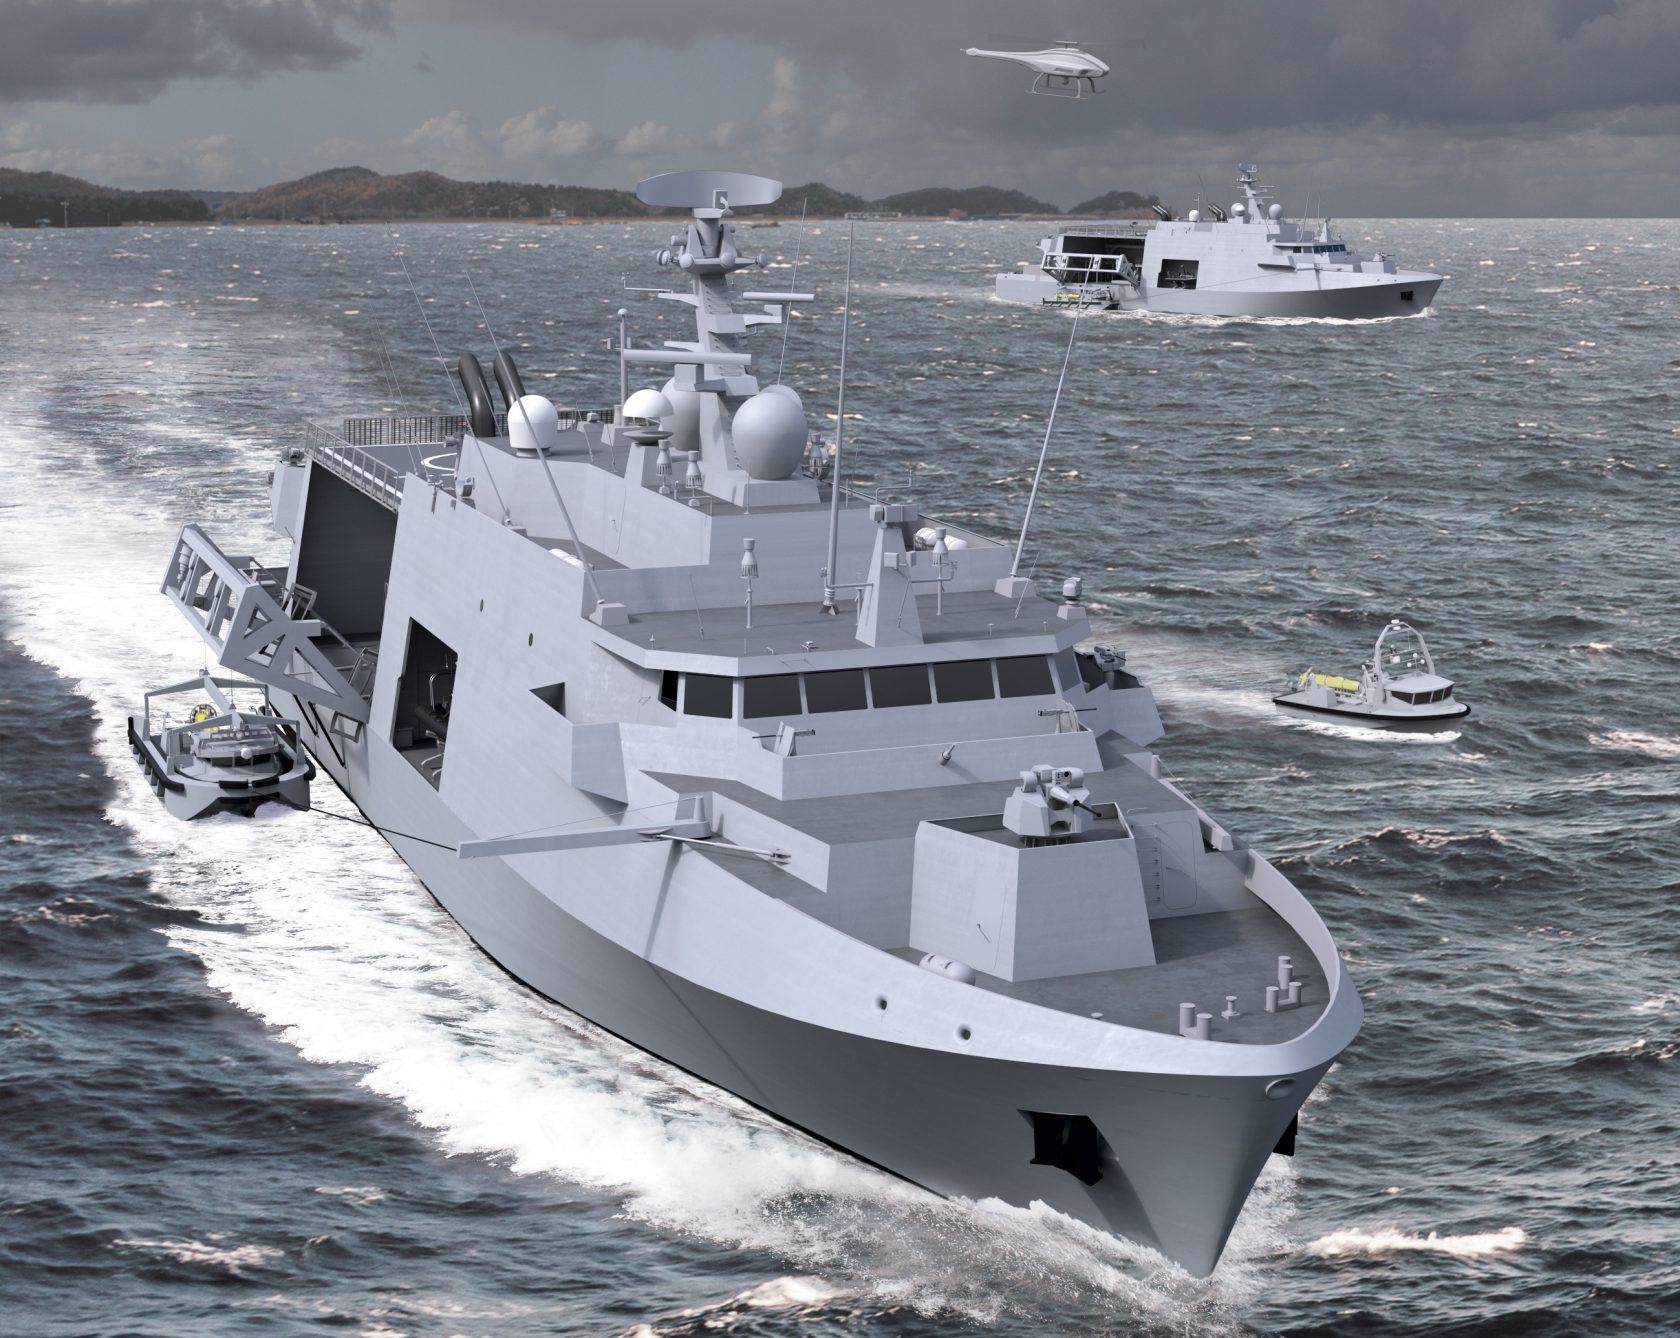 Wizualizacja nowego okrętu MCMV dla Marynarek Wojennych Holandii i Belgii